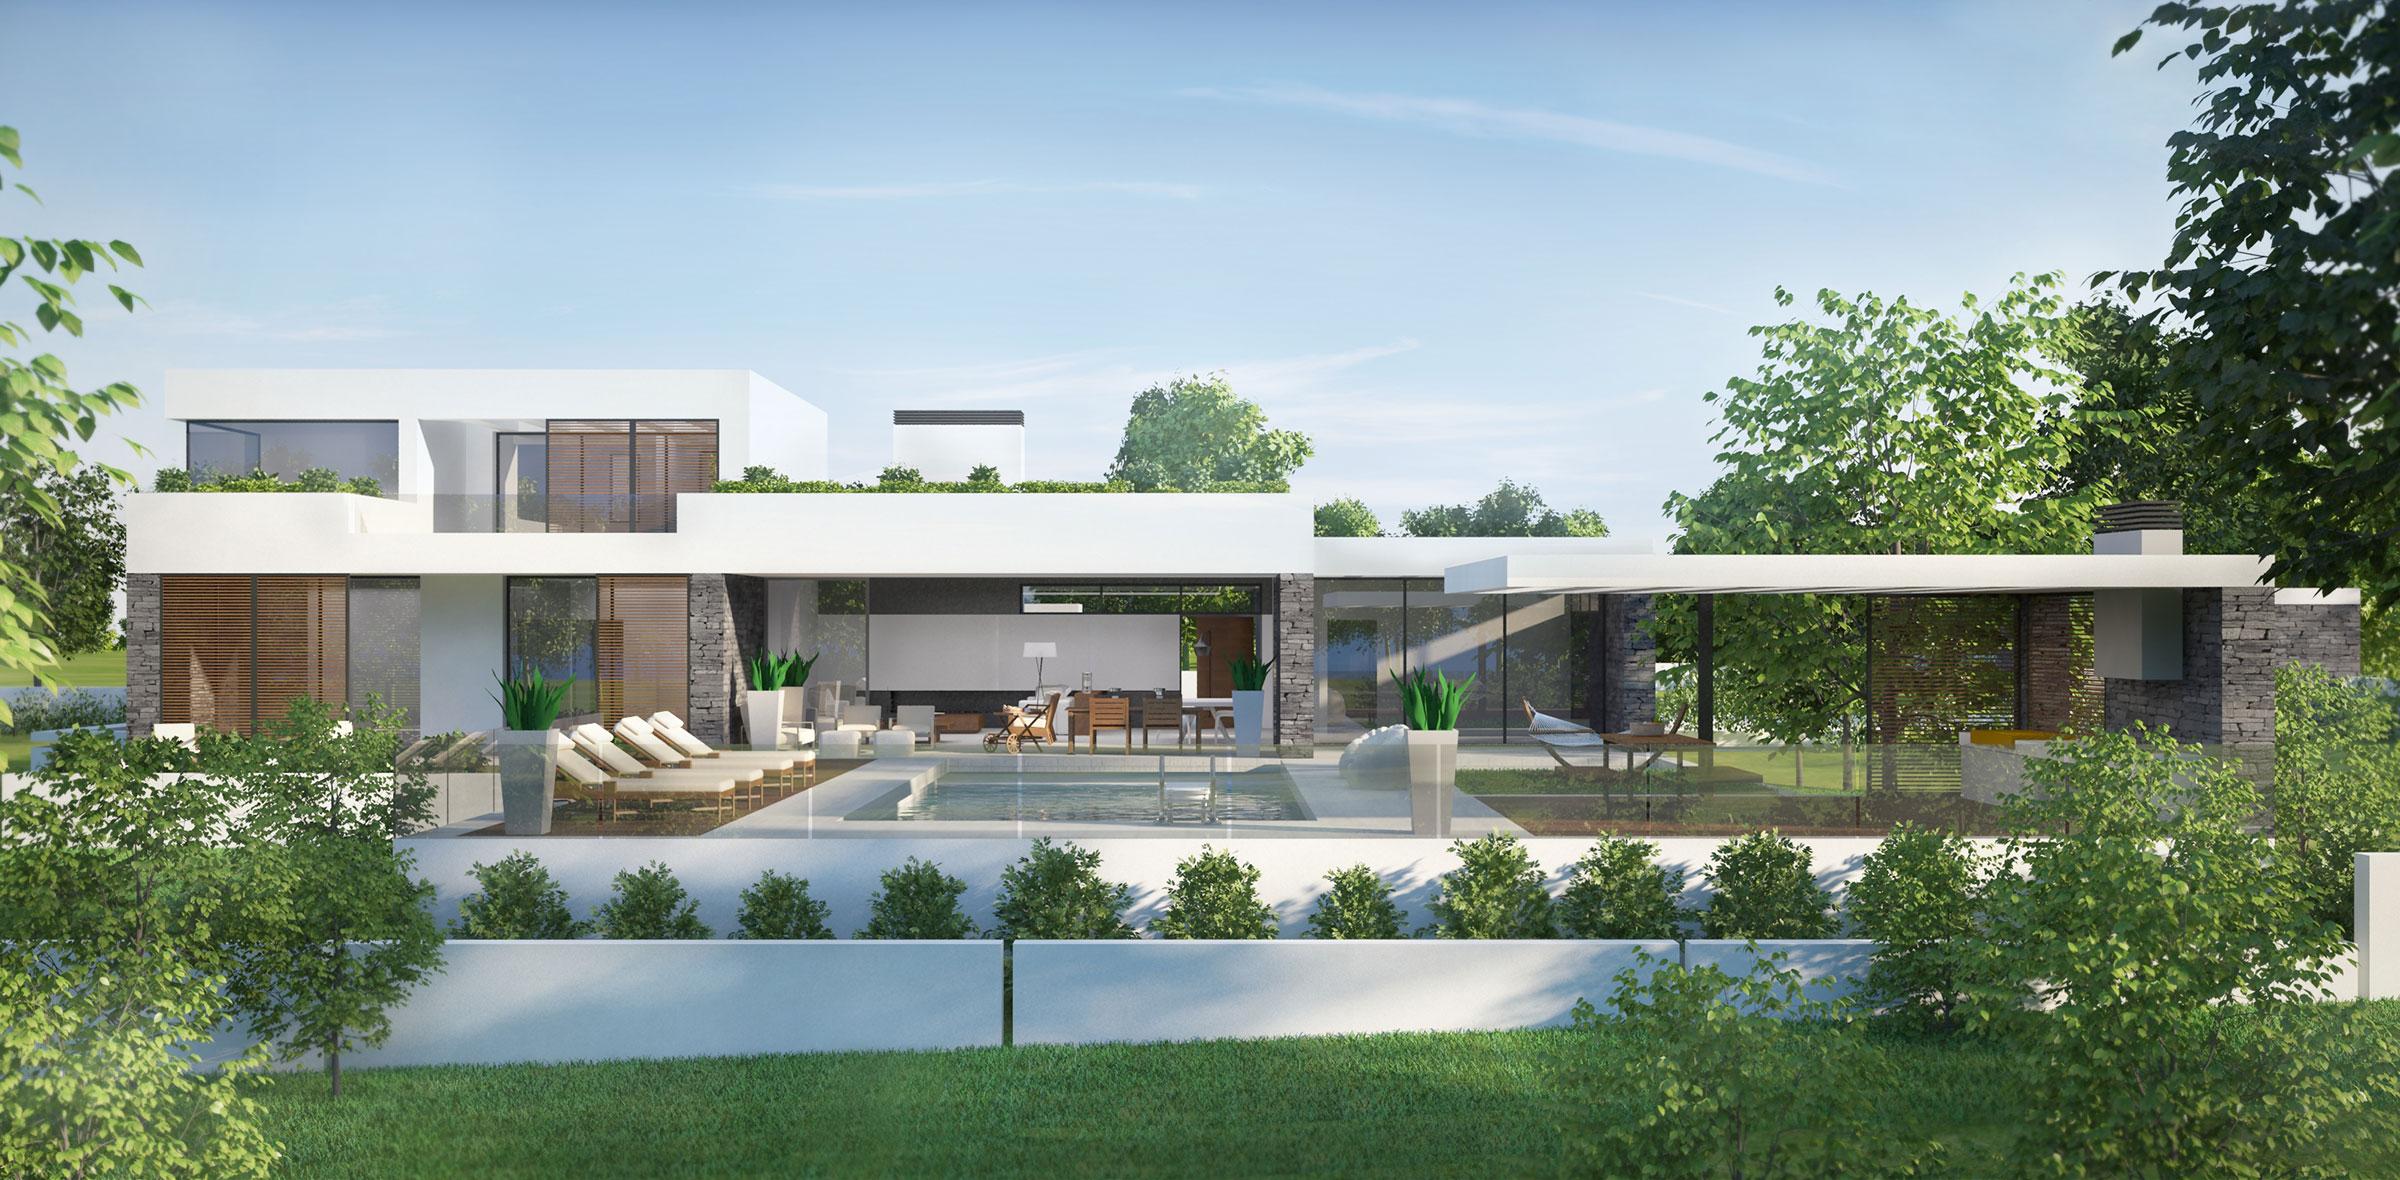 villa verde exterior 1.jpg